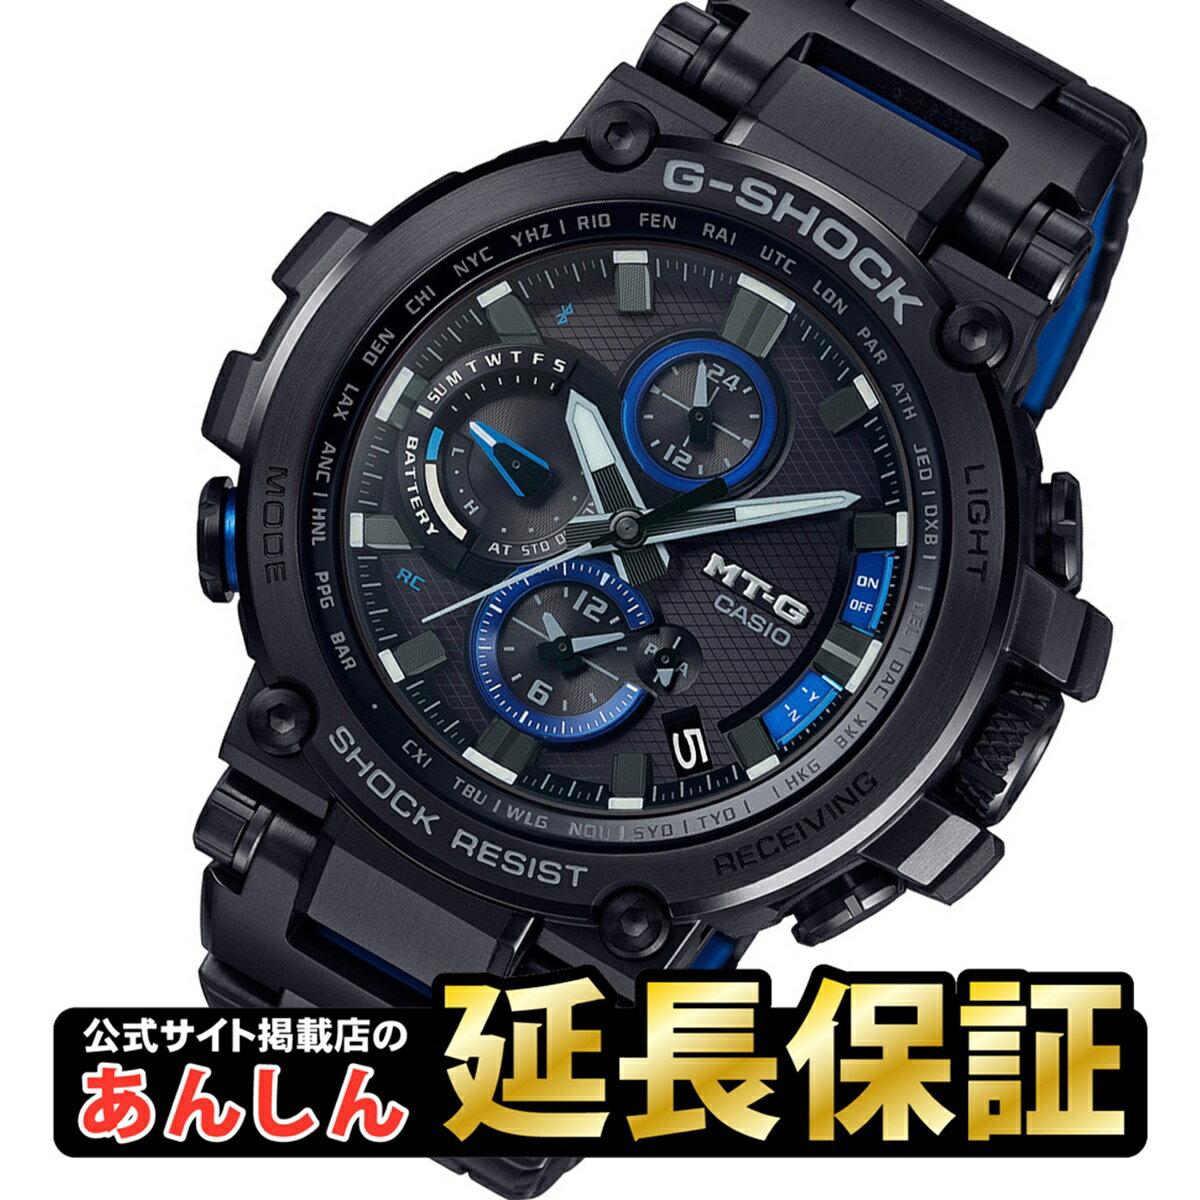 腕時計, メンズ腕時計 2,000OFF53.516015930 G MTG-B1000BD-1AJF CASIO G-SHOCK MT-G101810spl